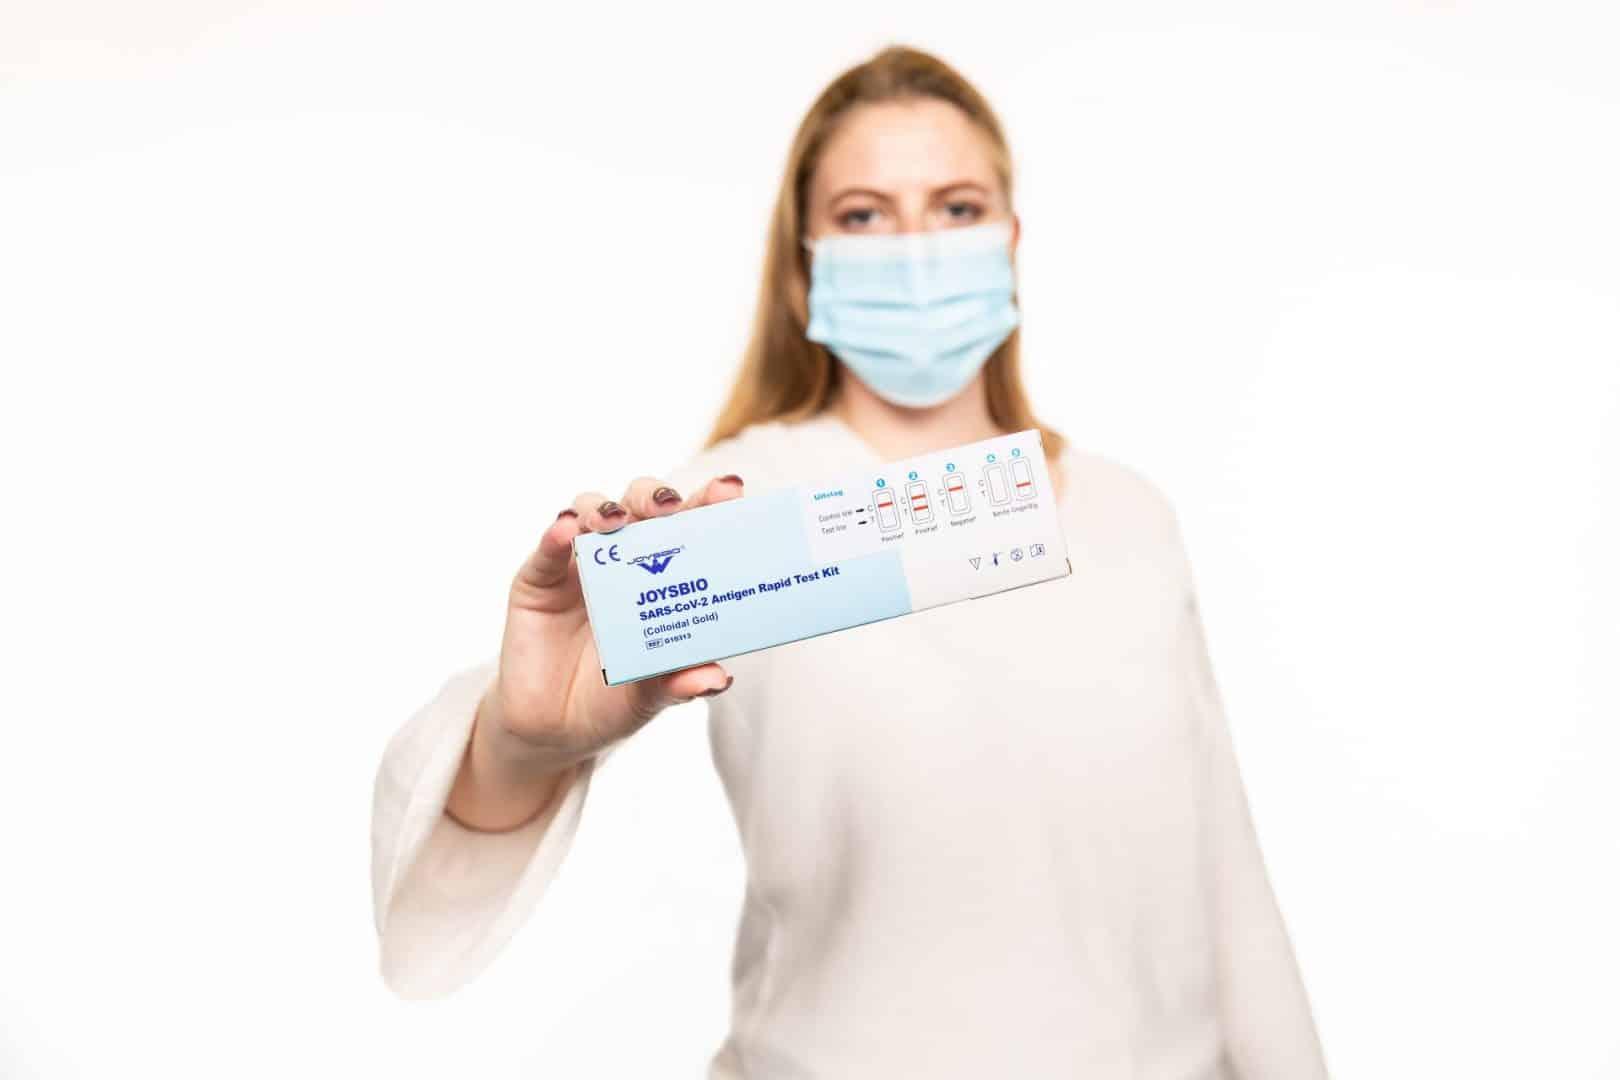 Groene Hart Ziekenhuis en GGD Hollands-Midden doen studie sneltest